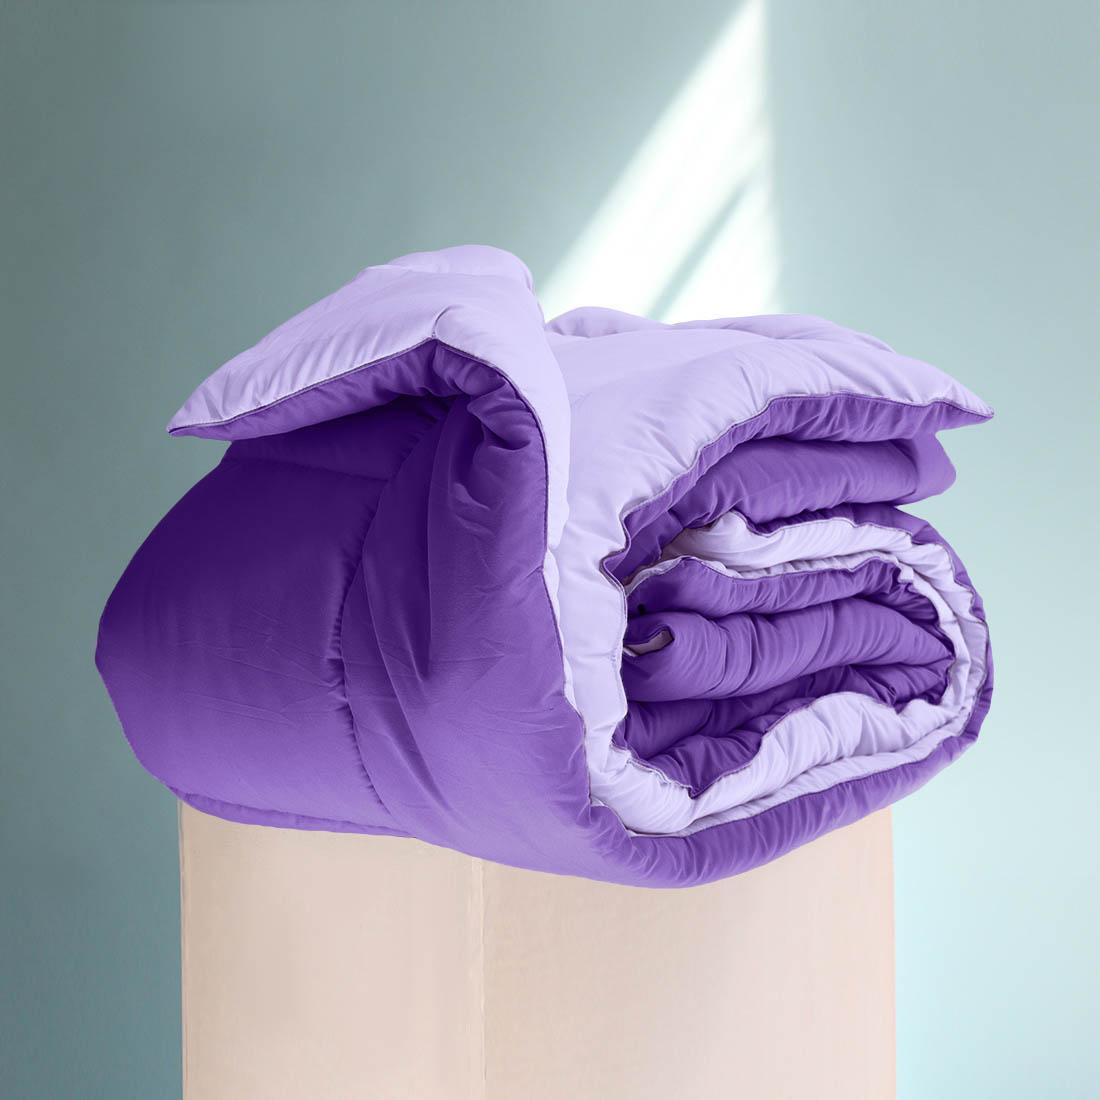 Одеяло Sleep iX, наполнитель: силиконизированное волокно, цвет: фиолетовый, 220 х 240 см. pva319989pva319989Одеяло «Sleep iX» изготовлено из силиконизированного волокна, полученного из тонких волокон полиэфира, обработанных силиконом. Наполнитель отлично держит форму, не сбиваясь в комки. На ощупь он похож на пух, поэтому производители часто называют его искусственным пухом. Такое одеяло подойдёт людям, страдающим аллергией, так как не впитывает запахи и отталкивает пыль. Кроме того, особая технология производства позволяет не использовать пододеяльник.Материал чехла MicroSkin - это гладкая и шелковистая ткань с легким блеском, по своему виду не уступающая натуральному хлопку. Кант делают из атласа или вискозы, он помогает изделию держать форму в течение многих лет. Кант есть на многих объемных изделиях из текстиля, иногда его могут дополнительно прострочить по периметру или сделать широким.Такое одеяло очень хорошо сохраняет тепло, приятно на ощупь, прочно и устойчиво к стирке.